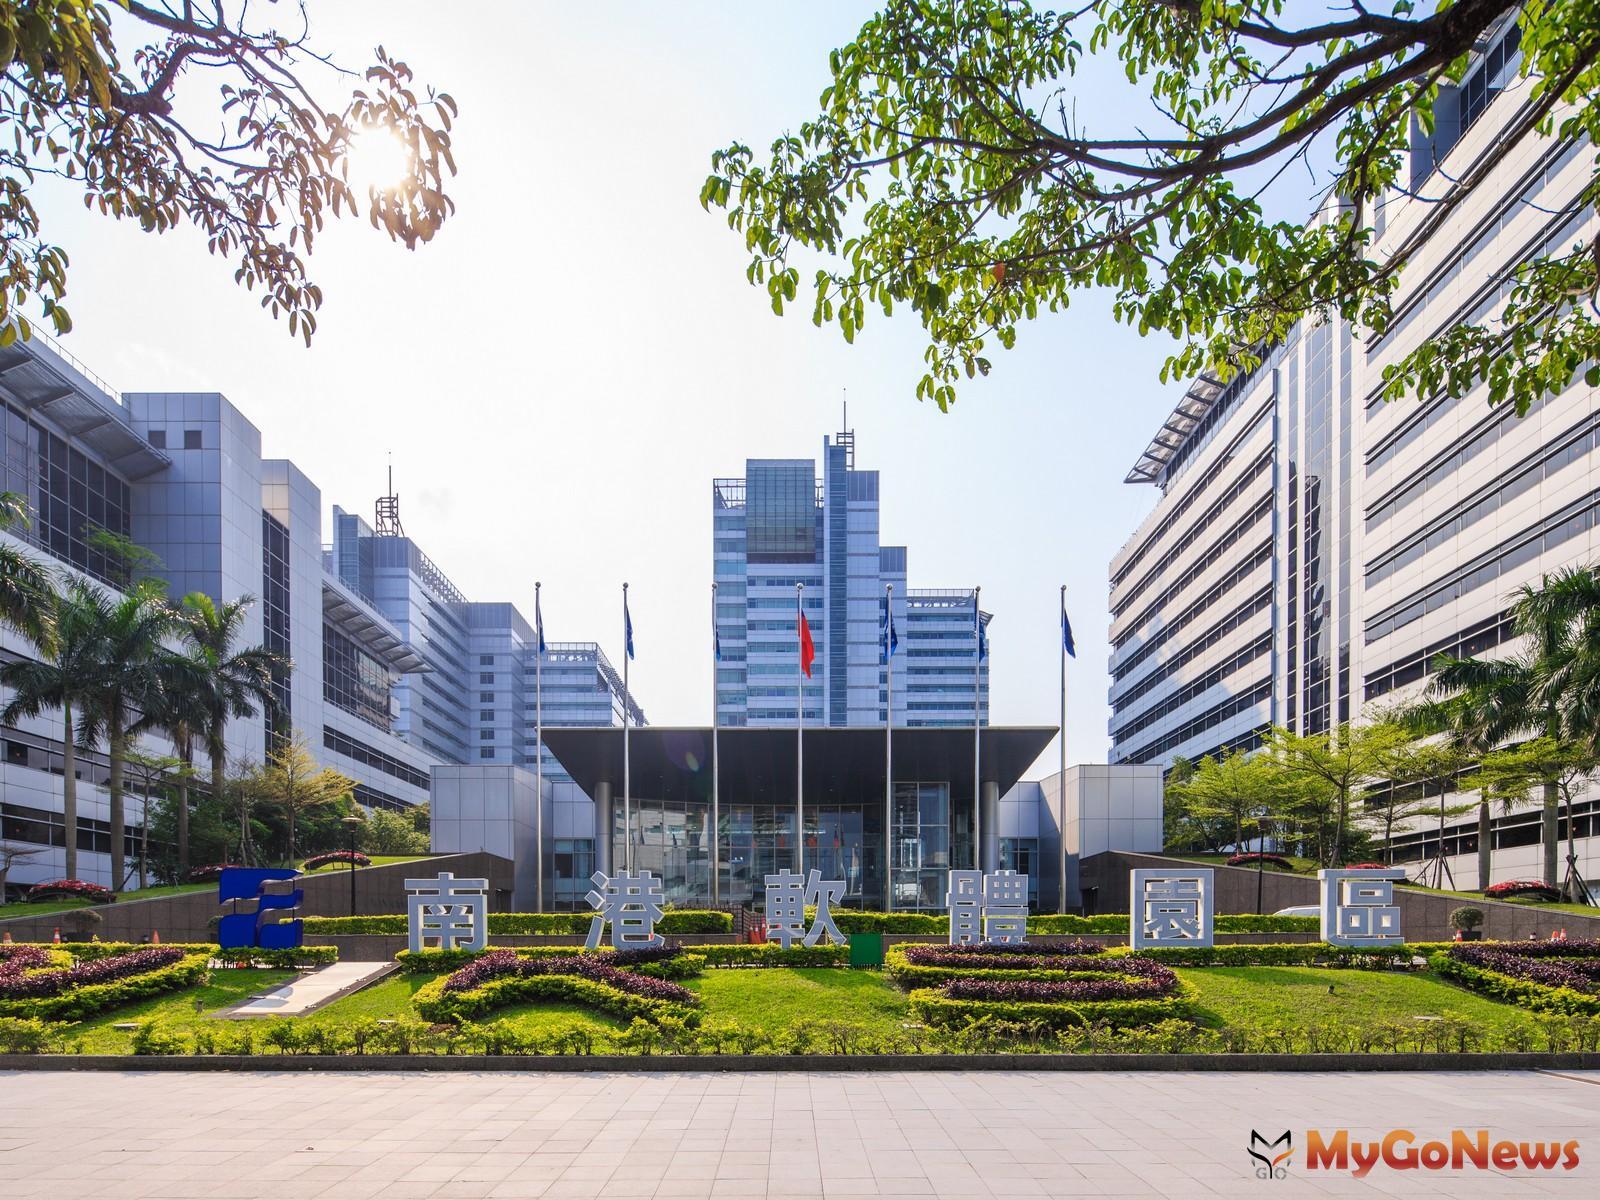 企業競相開發 南港躍為商辦的明日之星 MyGoNews房地產新聞 市場快訊